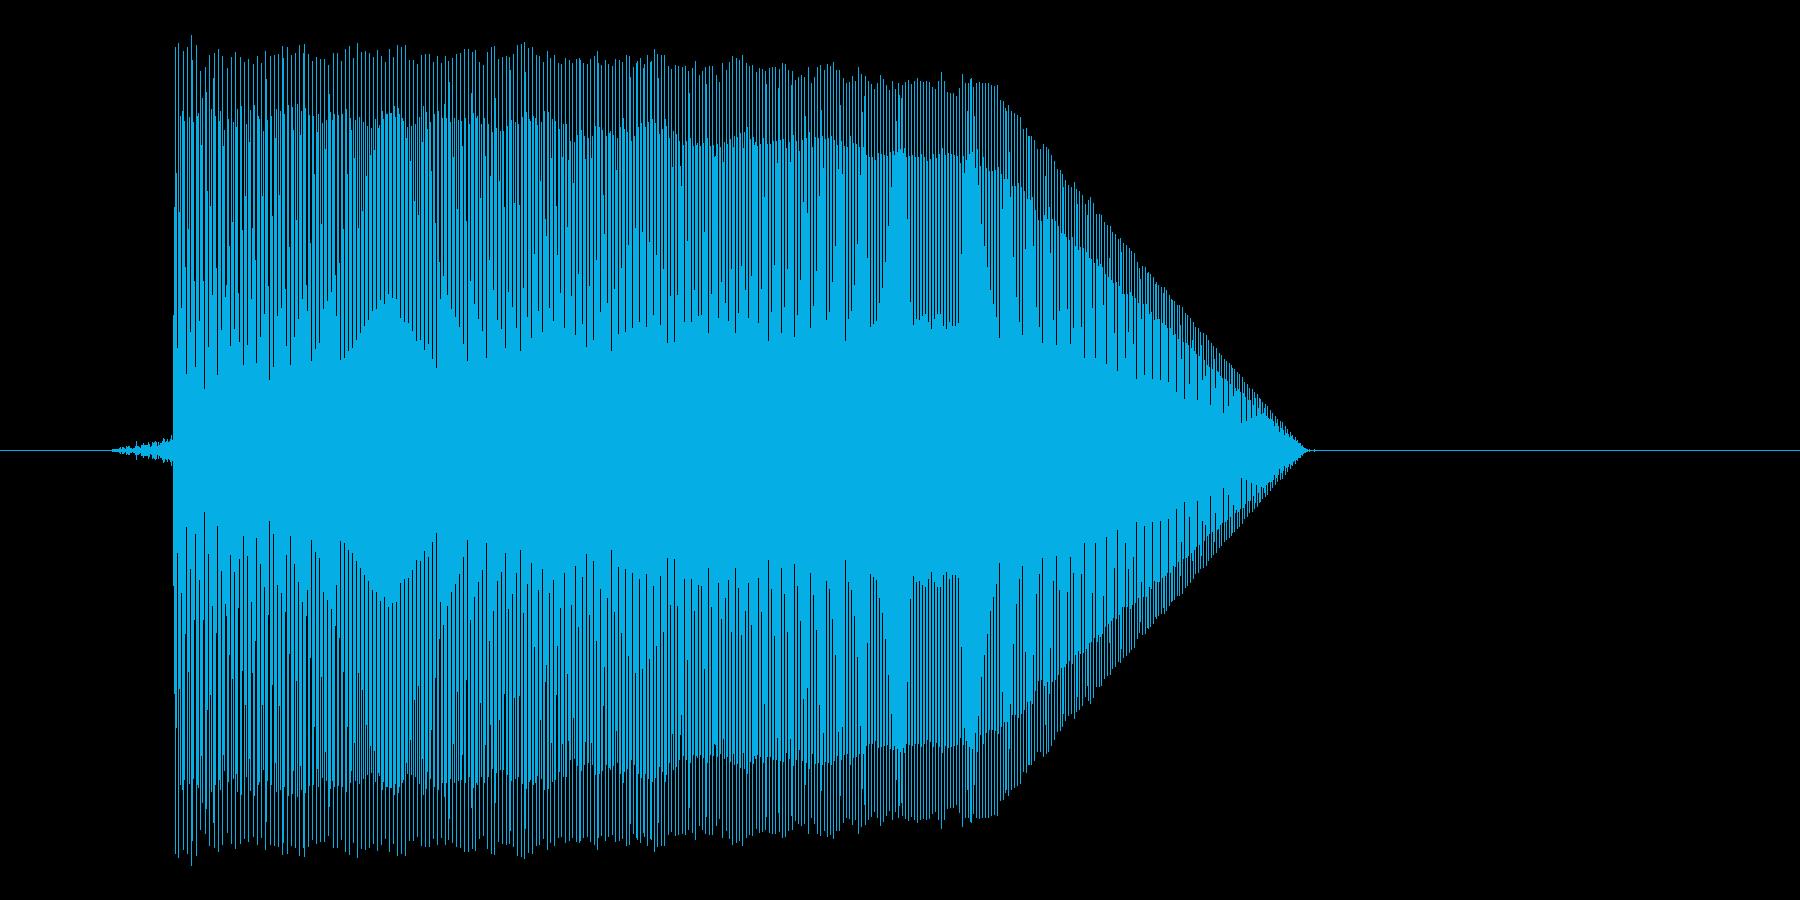 ゲーム(ファミコン風)ジャンプ音_040の再生済みの波形